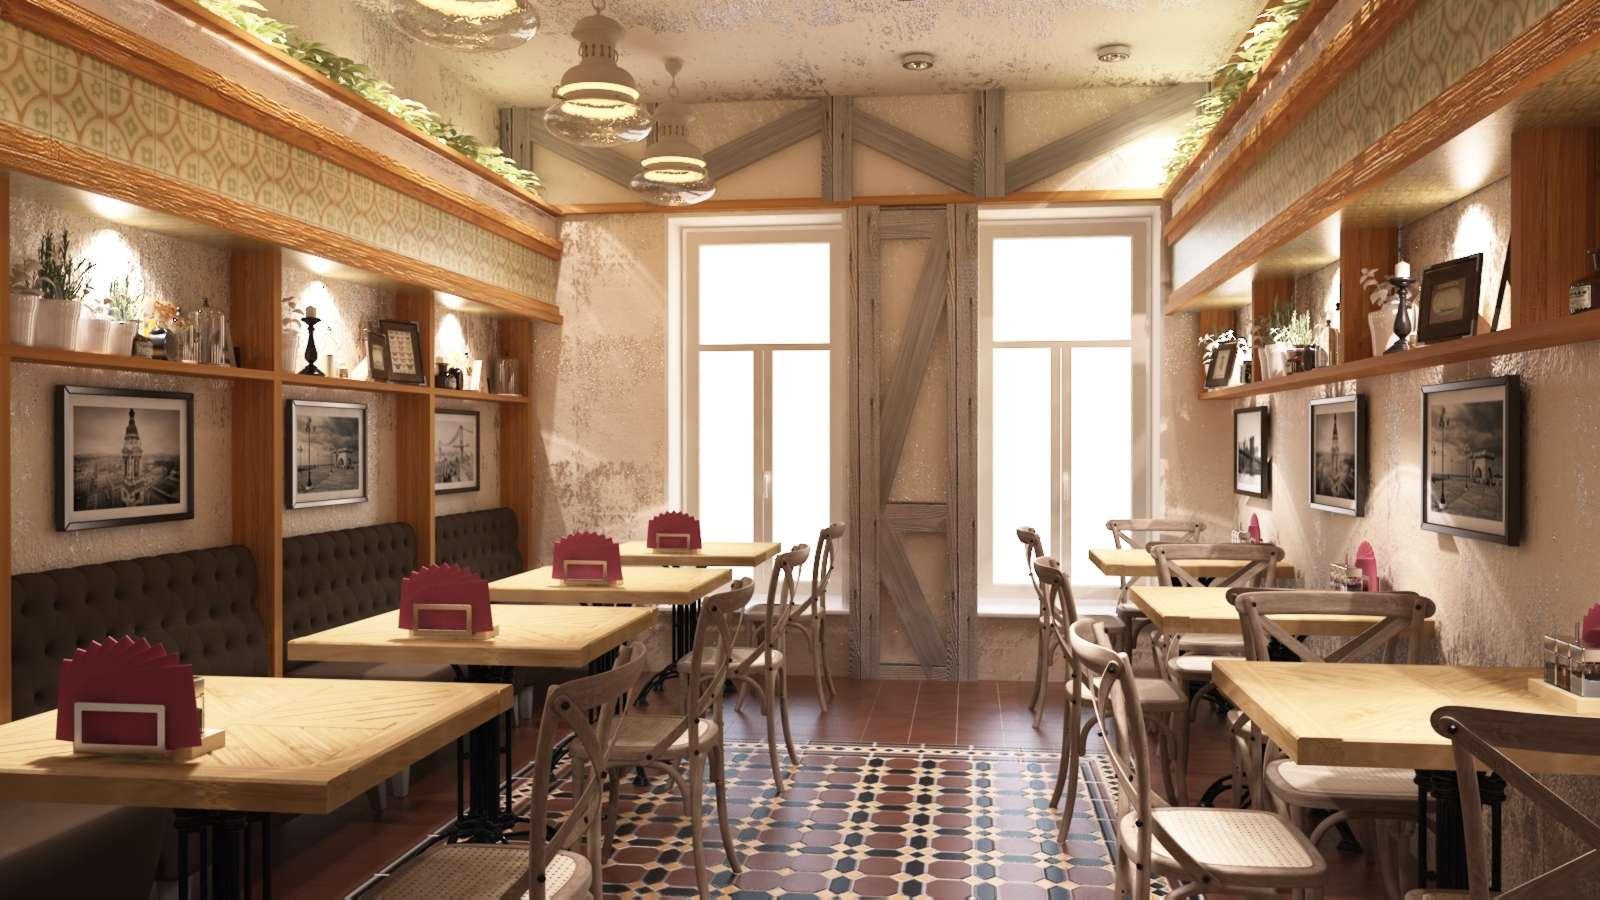 Декоративная штукатурка в оформлении интерьера кафе